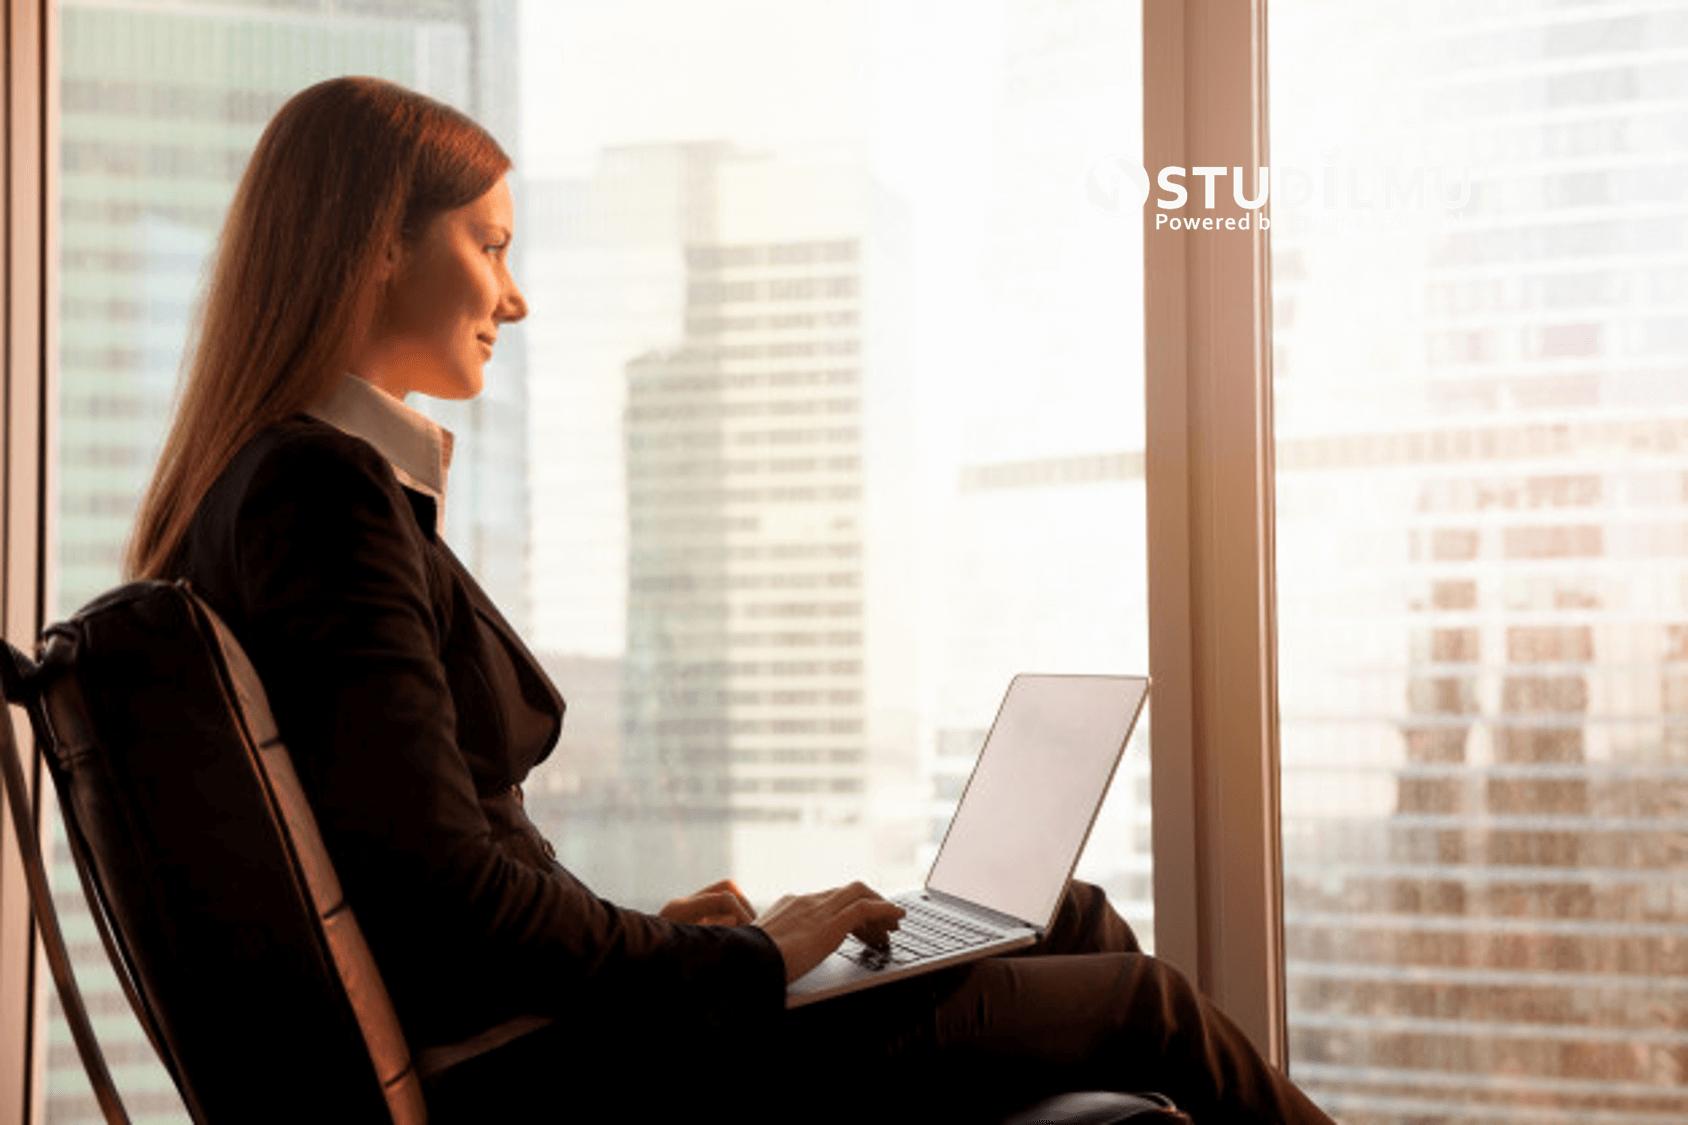 STUDILMU Career Advice - 8 Kecerdasan Emosional yang Membantu Kita Melupakan Masa Lalu